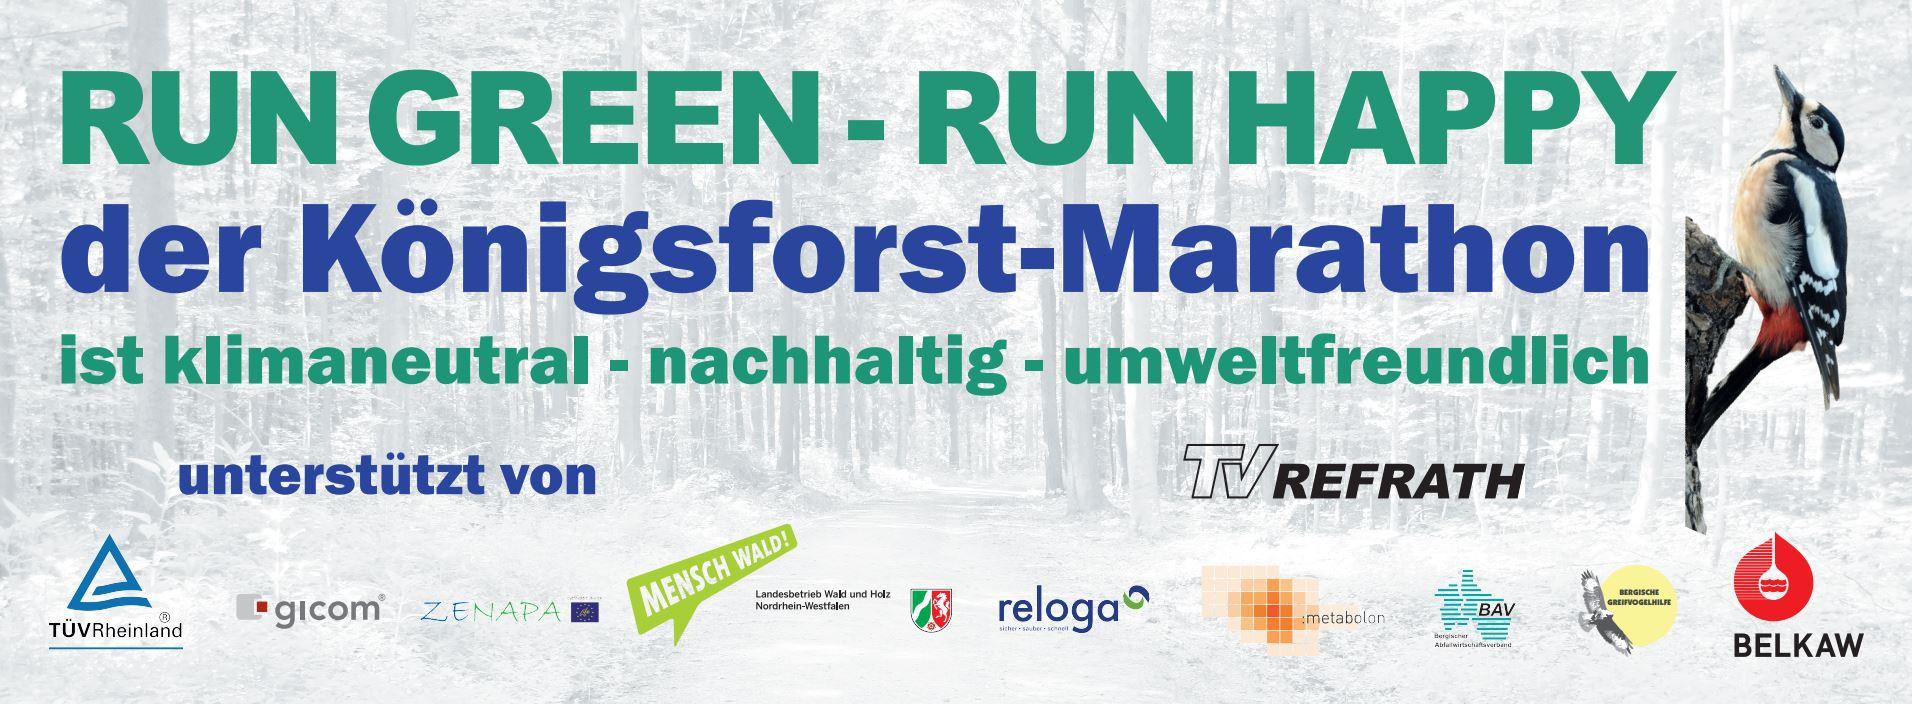 Königsforst-Marathon - Web-Banner klimaneutral mit Logos